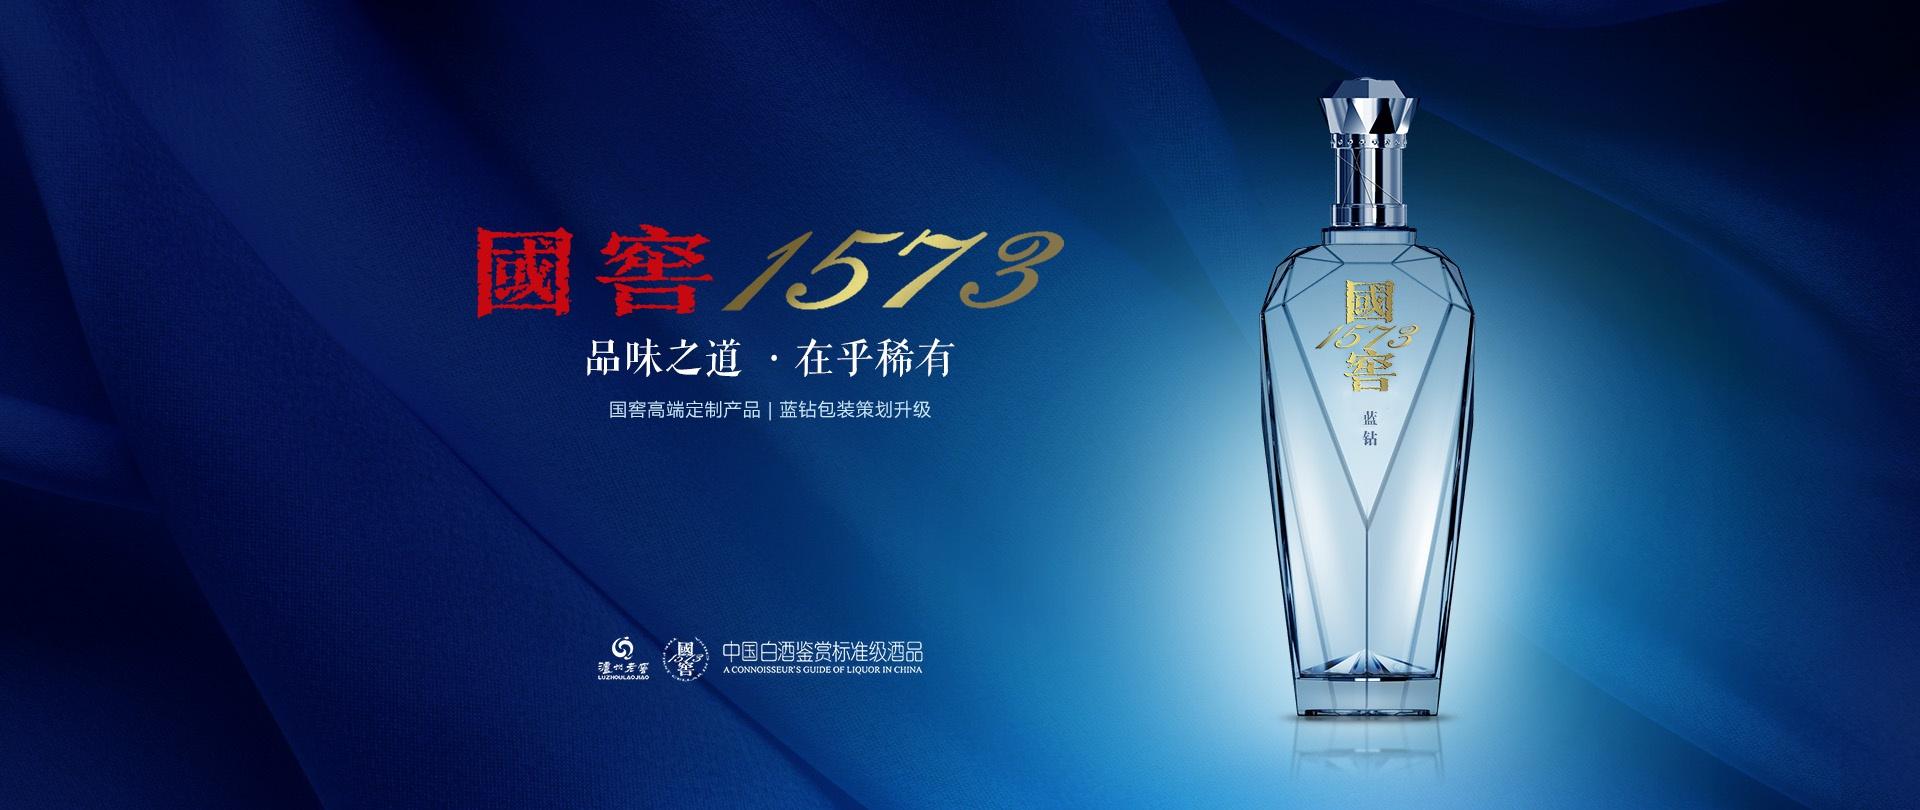 国窖蓝钻白酒包装设计